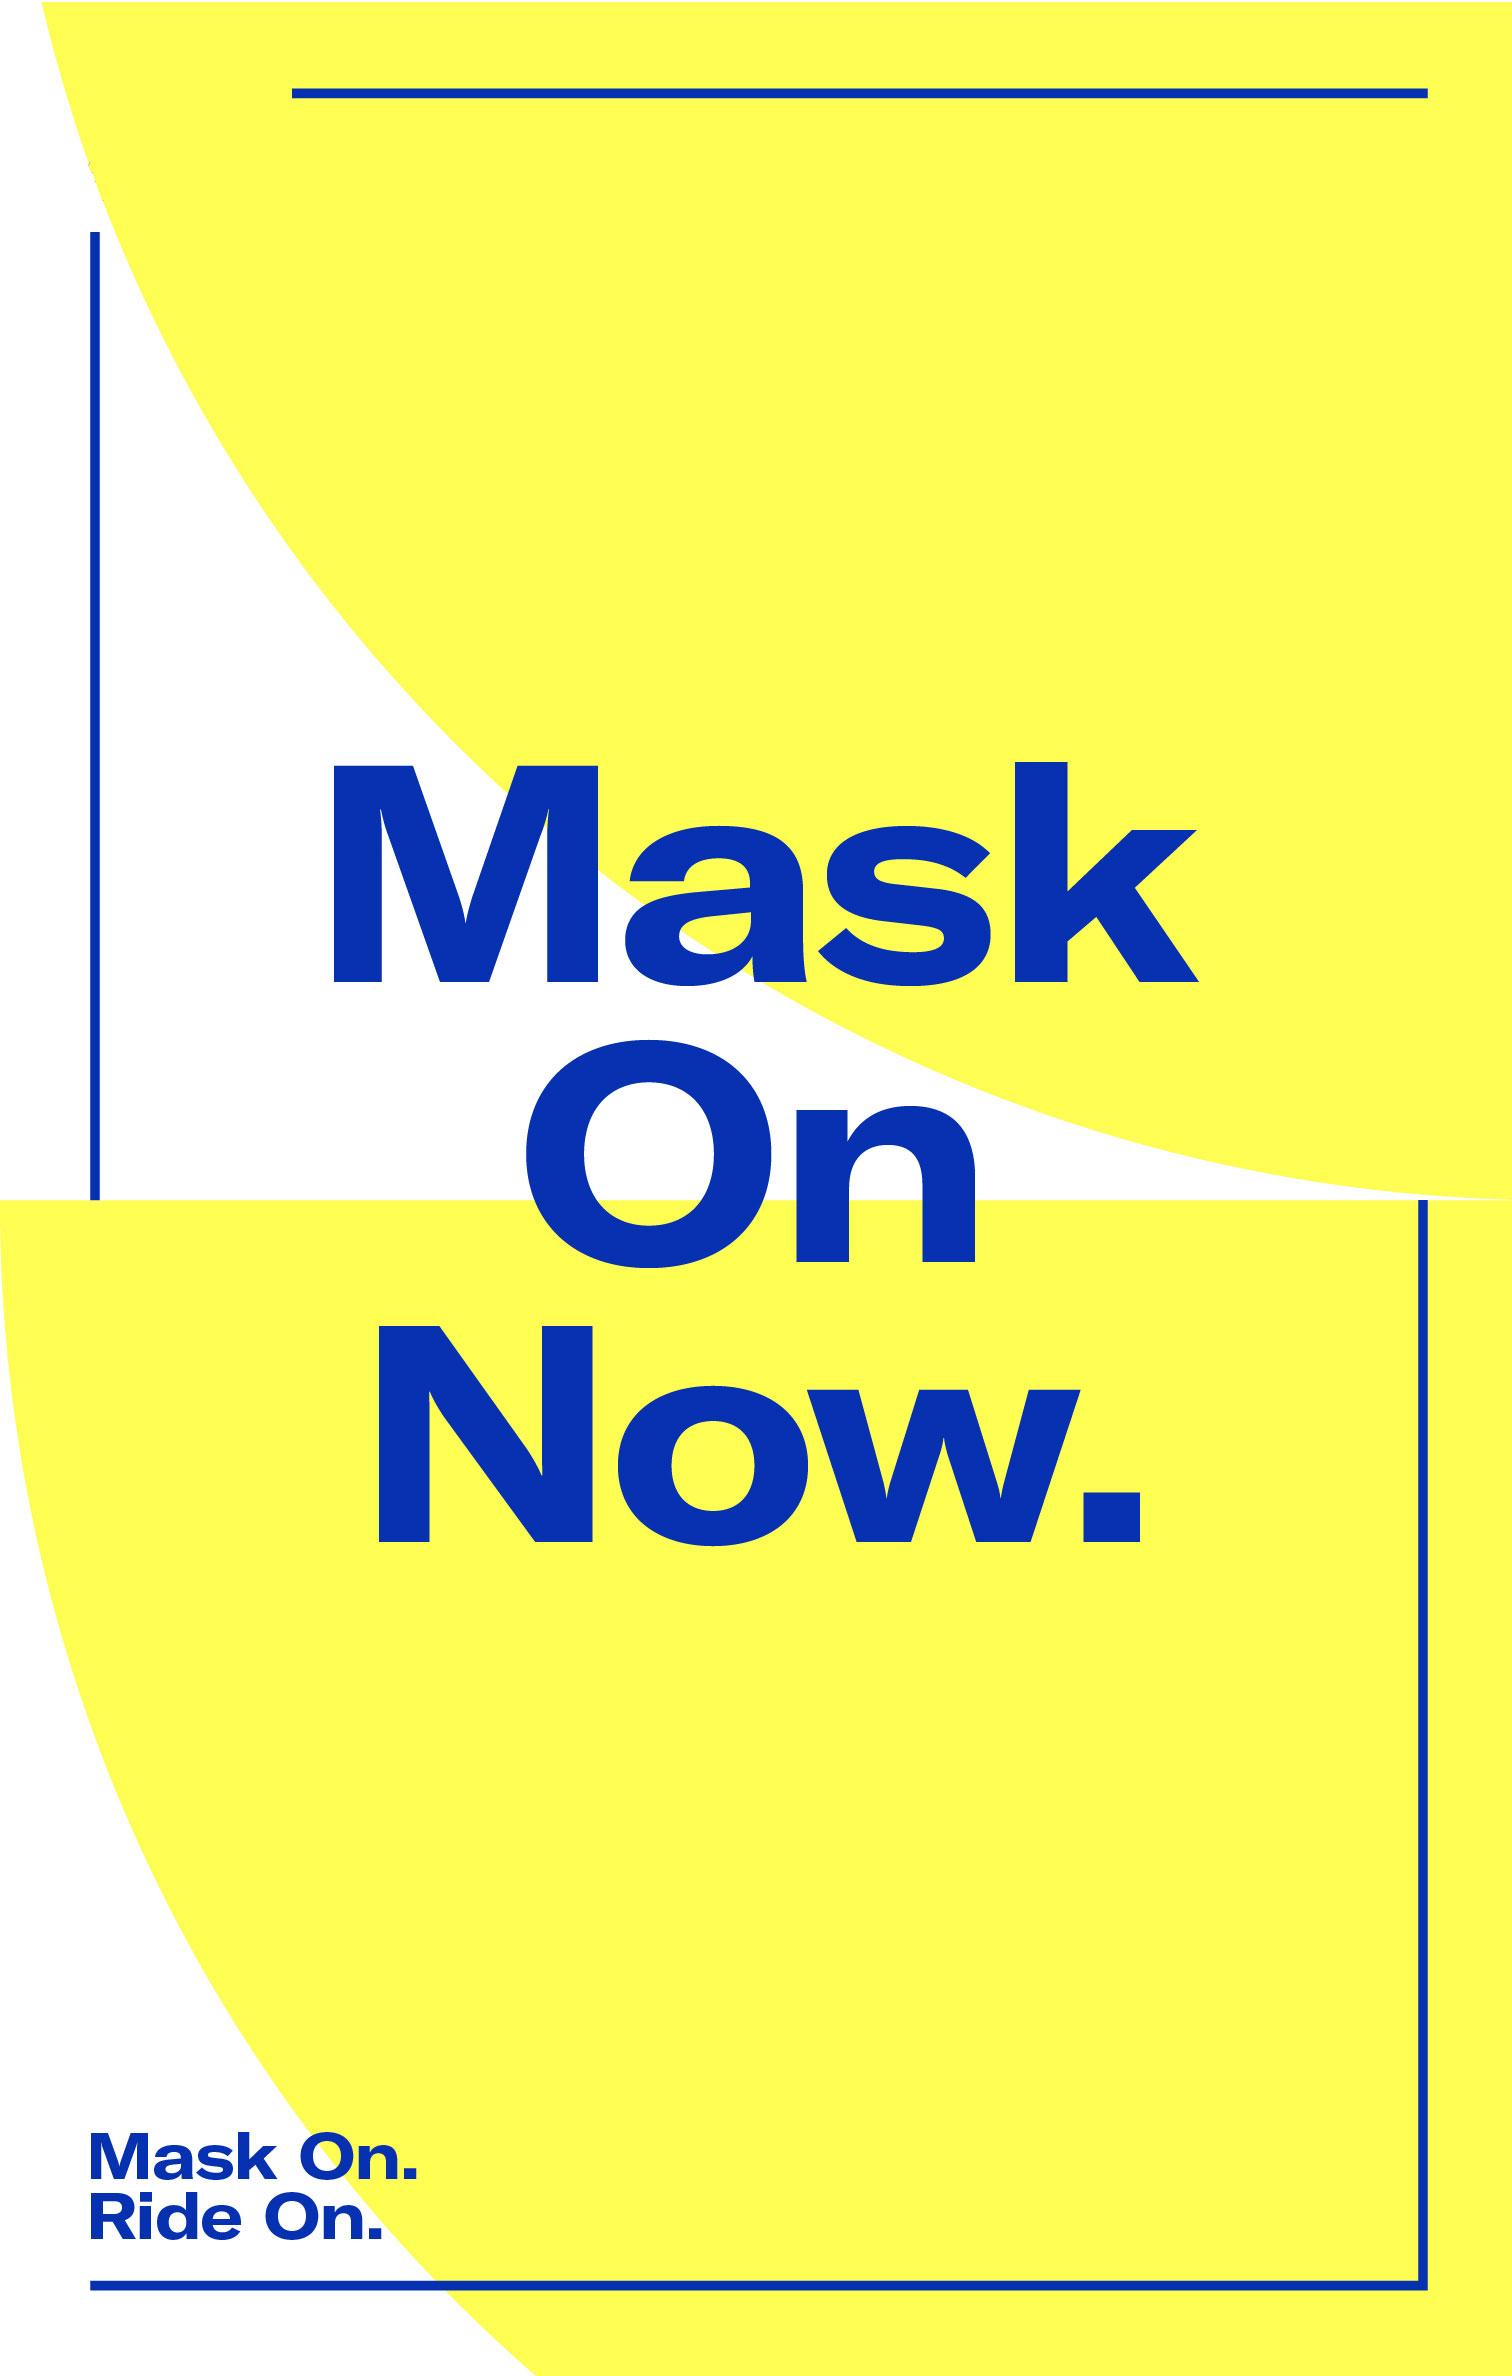 MaskOnNow-masked